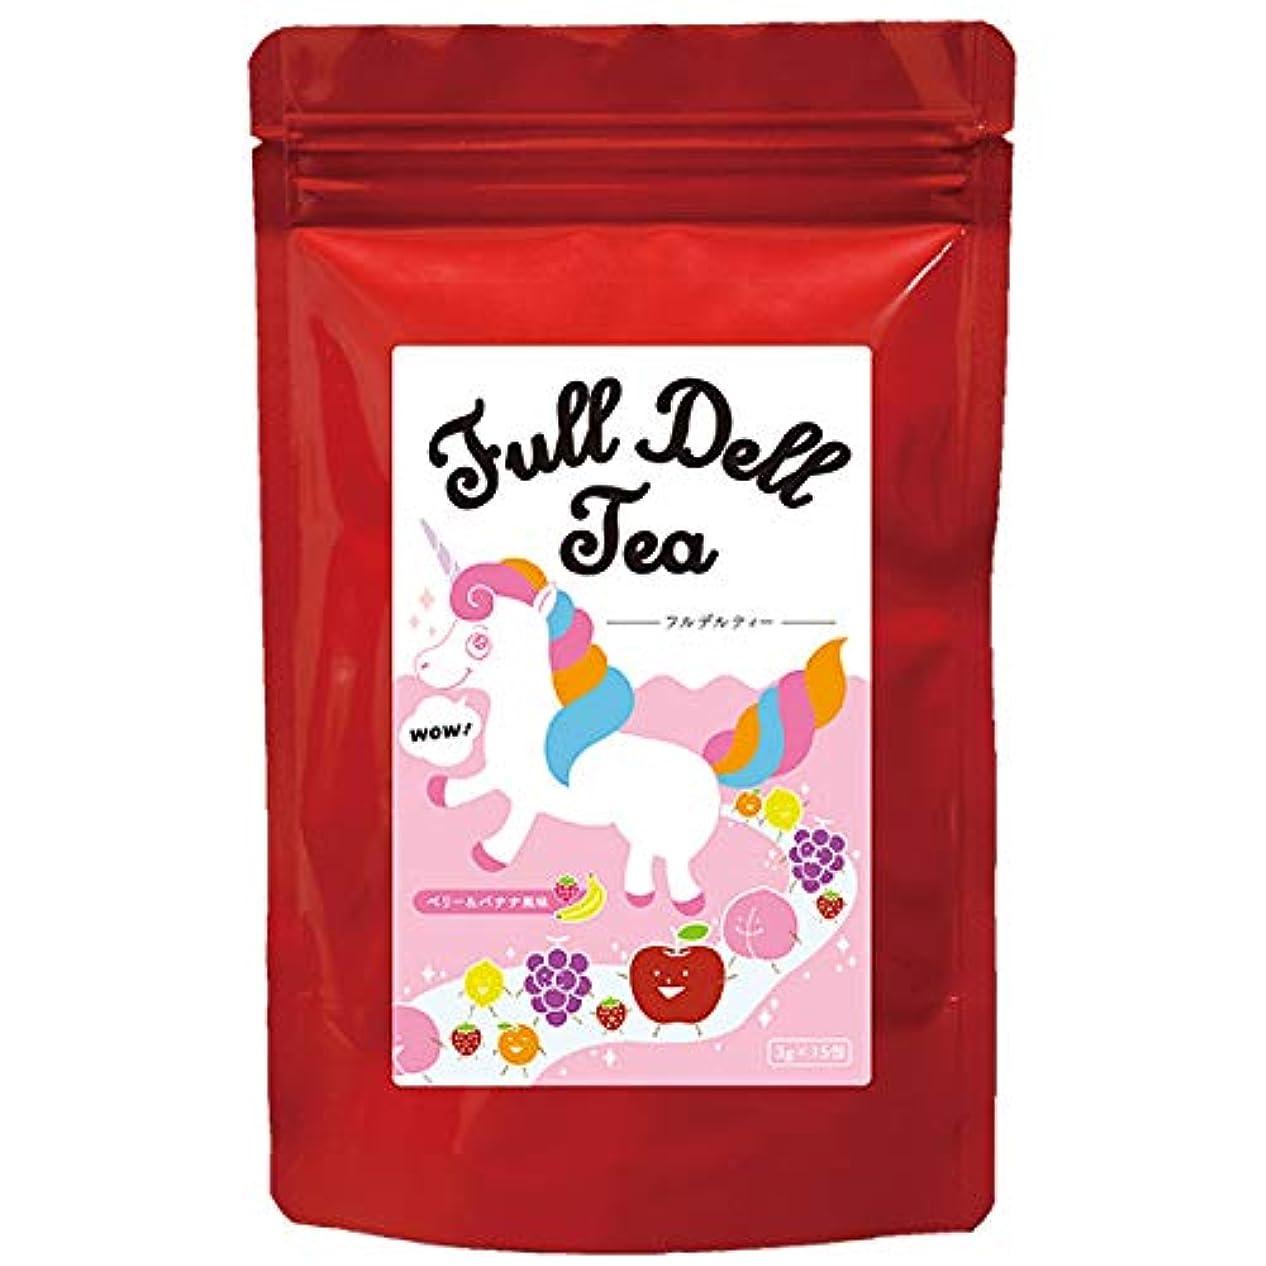 テキストまた枠美容健康茶 フルデルティー 1袋3.0g×15包入 ダイエット サポートティー 紅茶 デトックス サロン